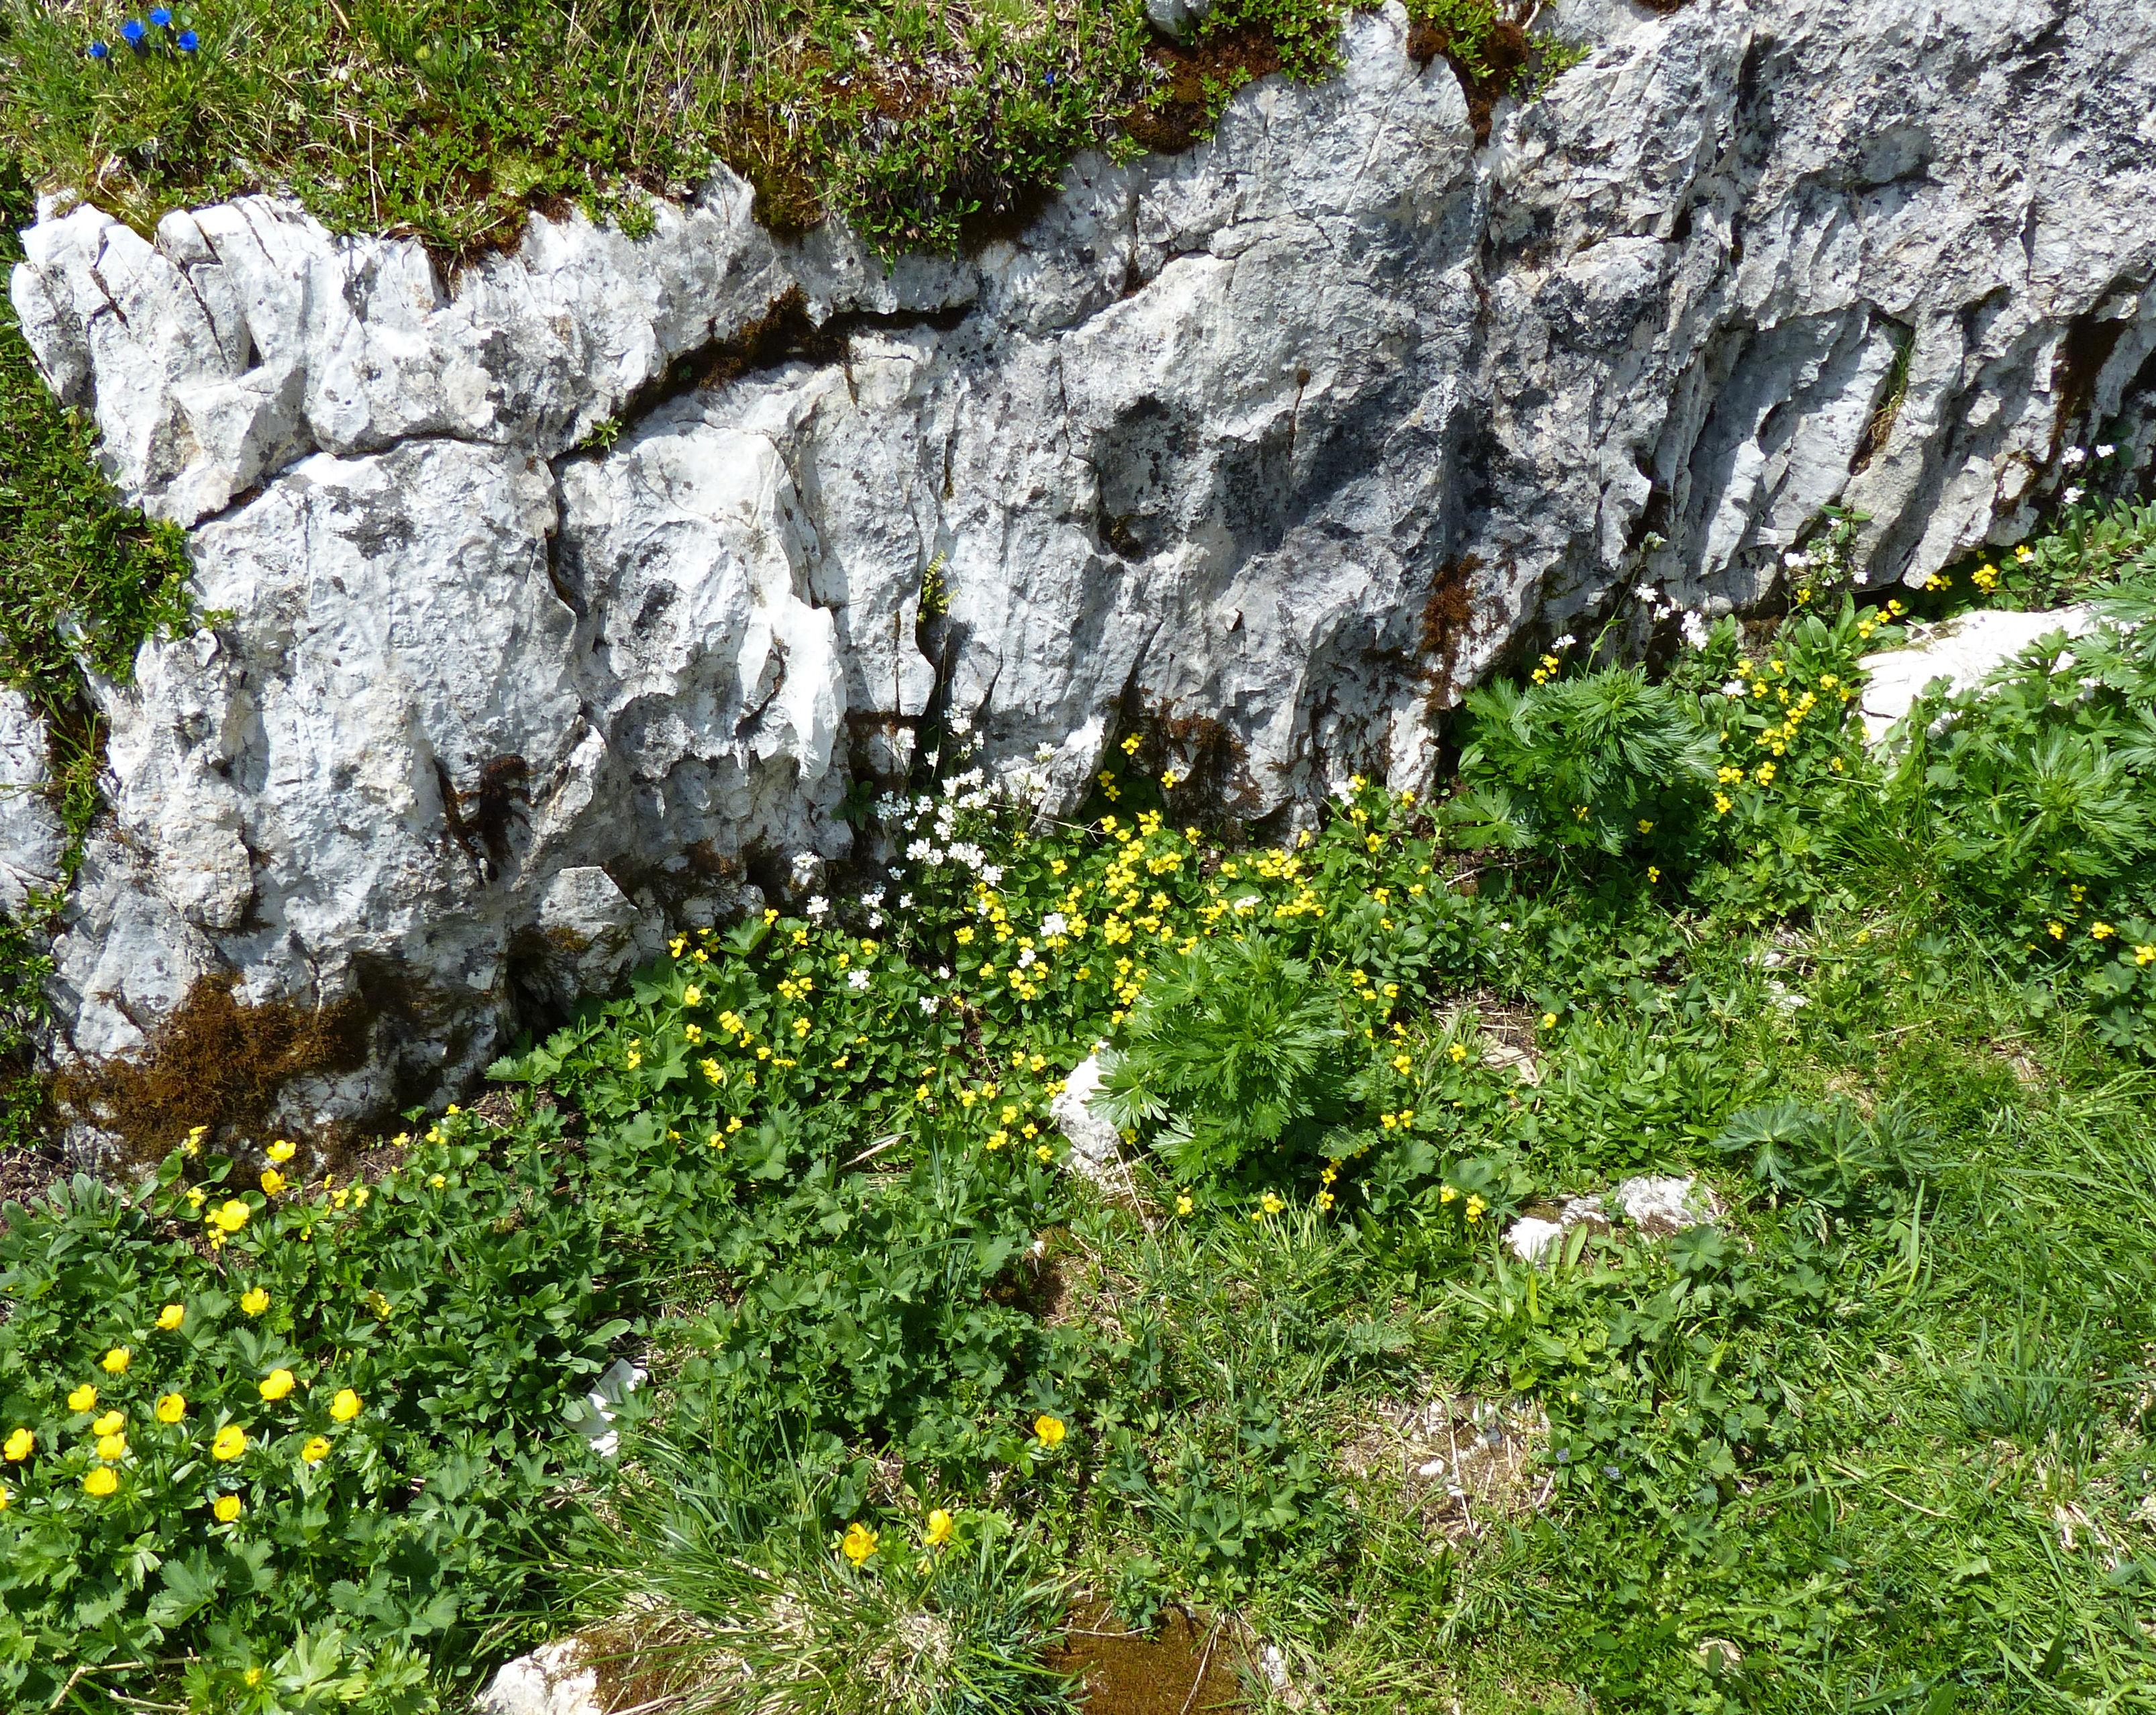 © Dipartimento di Scienze della Vita, Università di Trieste<br>by Andrea Moro<br>Rifugio Auronzo, lungo il sentiero che conduce alle Tre Cime di Lavaredo, BL, Veneto, Italia, 05/07/2015<br>Distributed under CC-BY-SA 4.0 license.